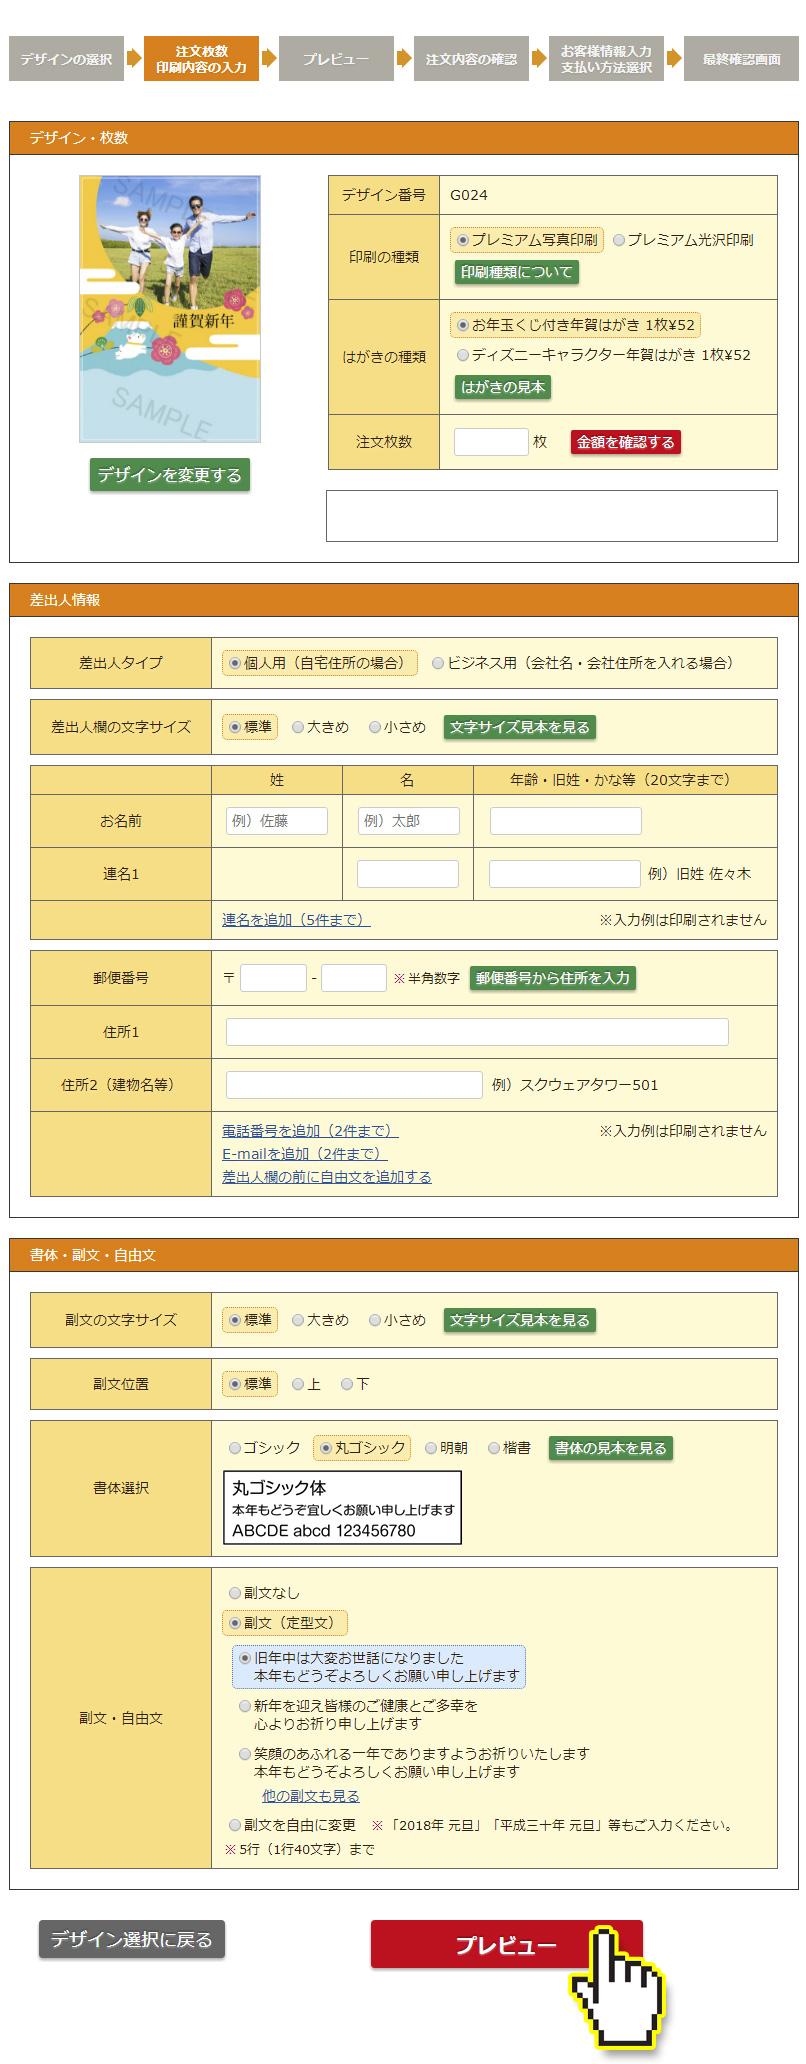 ネットスクウェア印刷タイプ・枚数、差出人情報、副文などの情報を入力